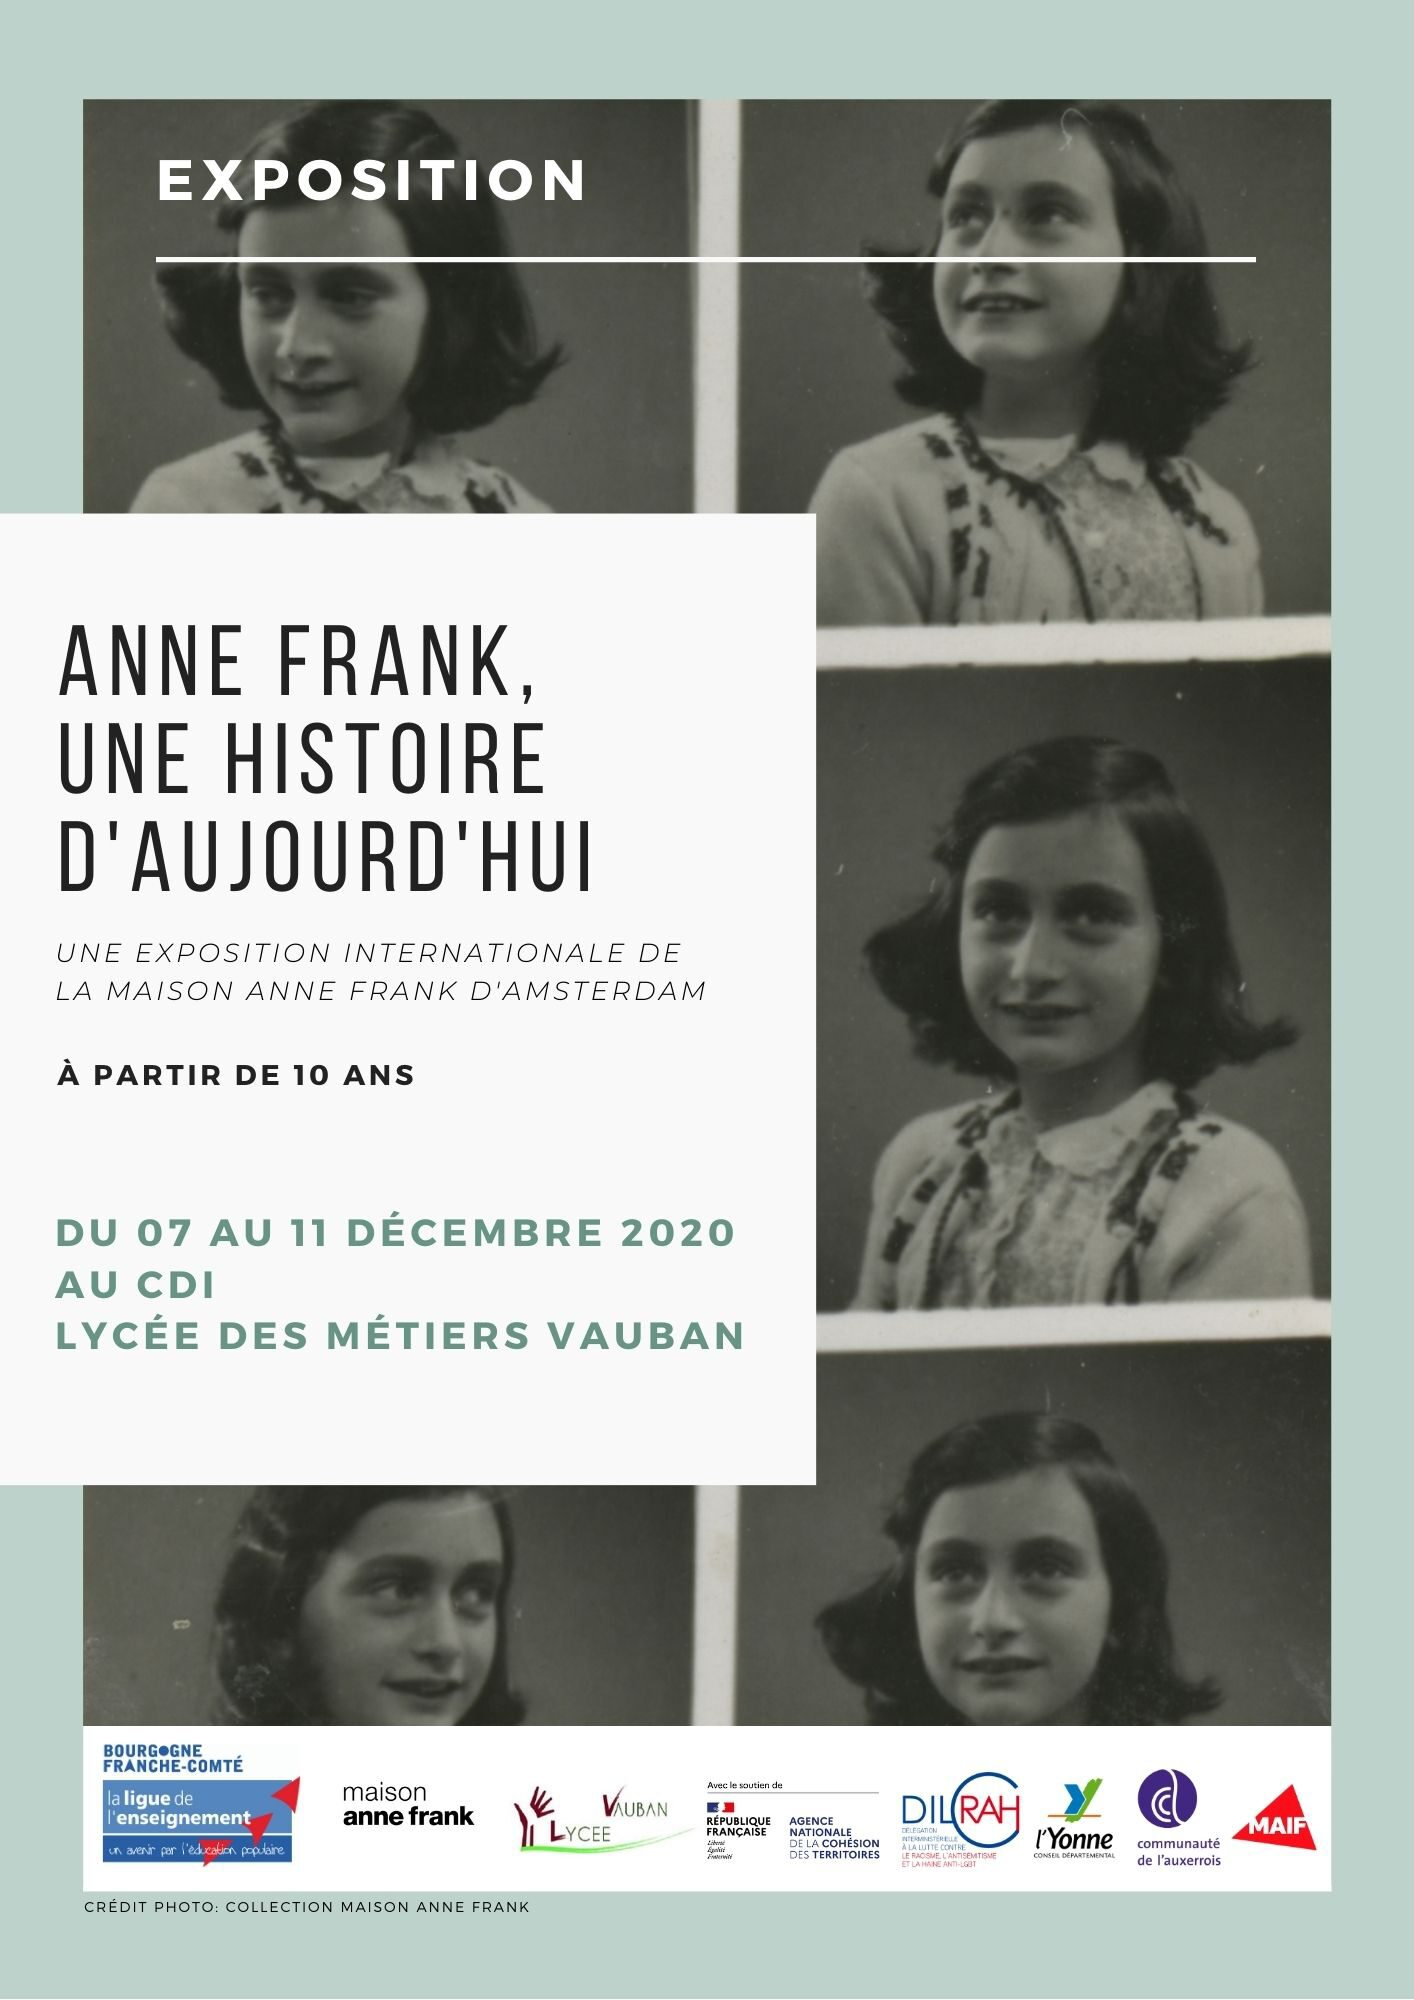 Affiche 2 Lycée Vauban.jpg